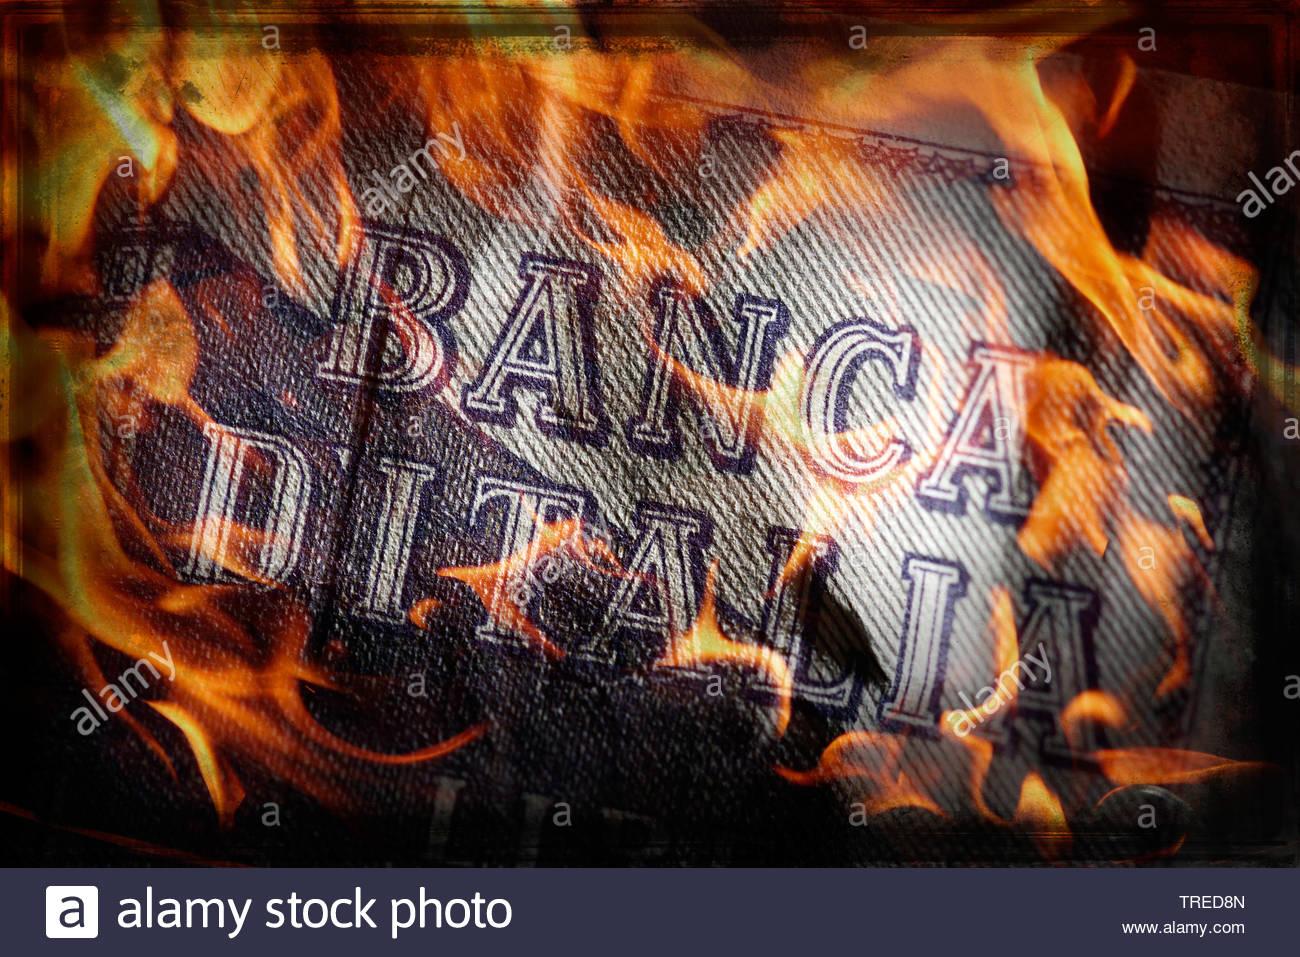 Alter, italienischer LIRA-Geldschein mit Aufdruck BANCA DITALIA (Italienische Bundesbank) - Banken-Krise | Old italian LIRA bill lettering BANCA DITAL - Stock Image